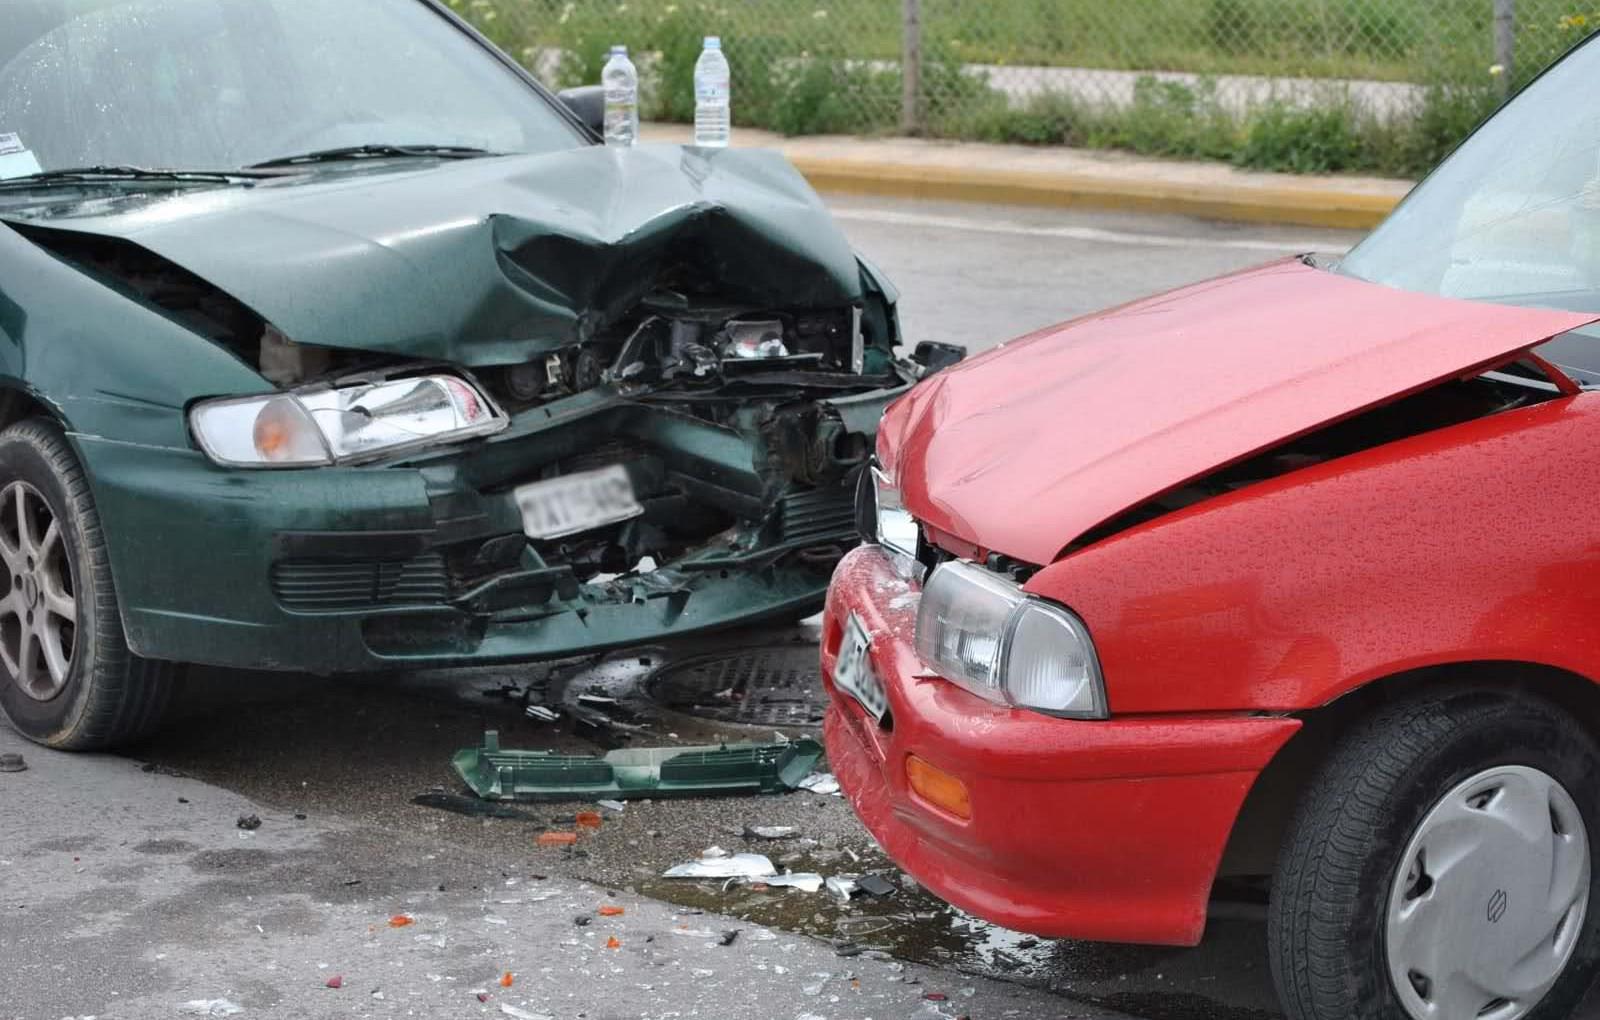 Τα τροχαία ατυχήματα τον Φεβρουάριο στη Δυτ. Ελλάδα